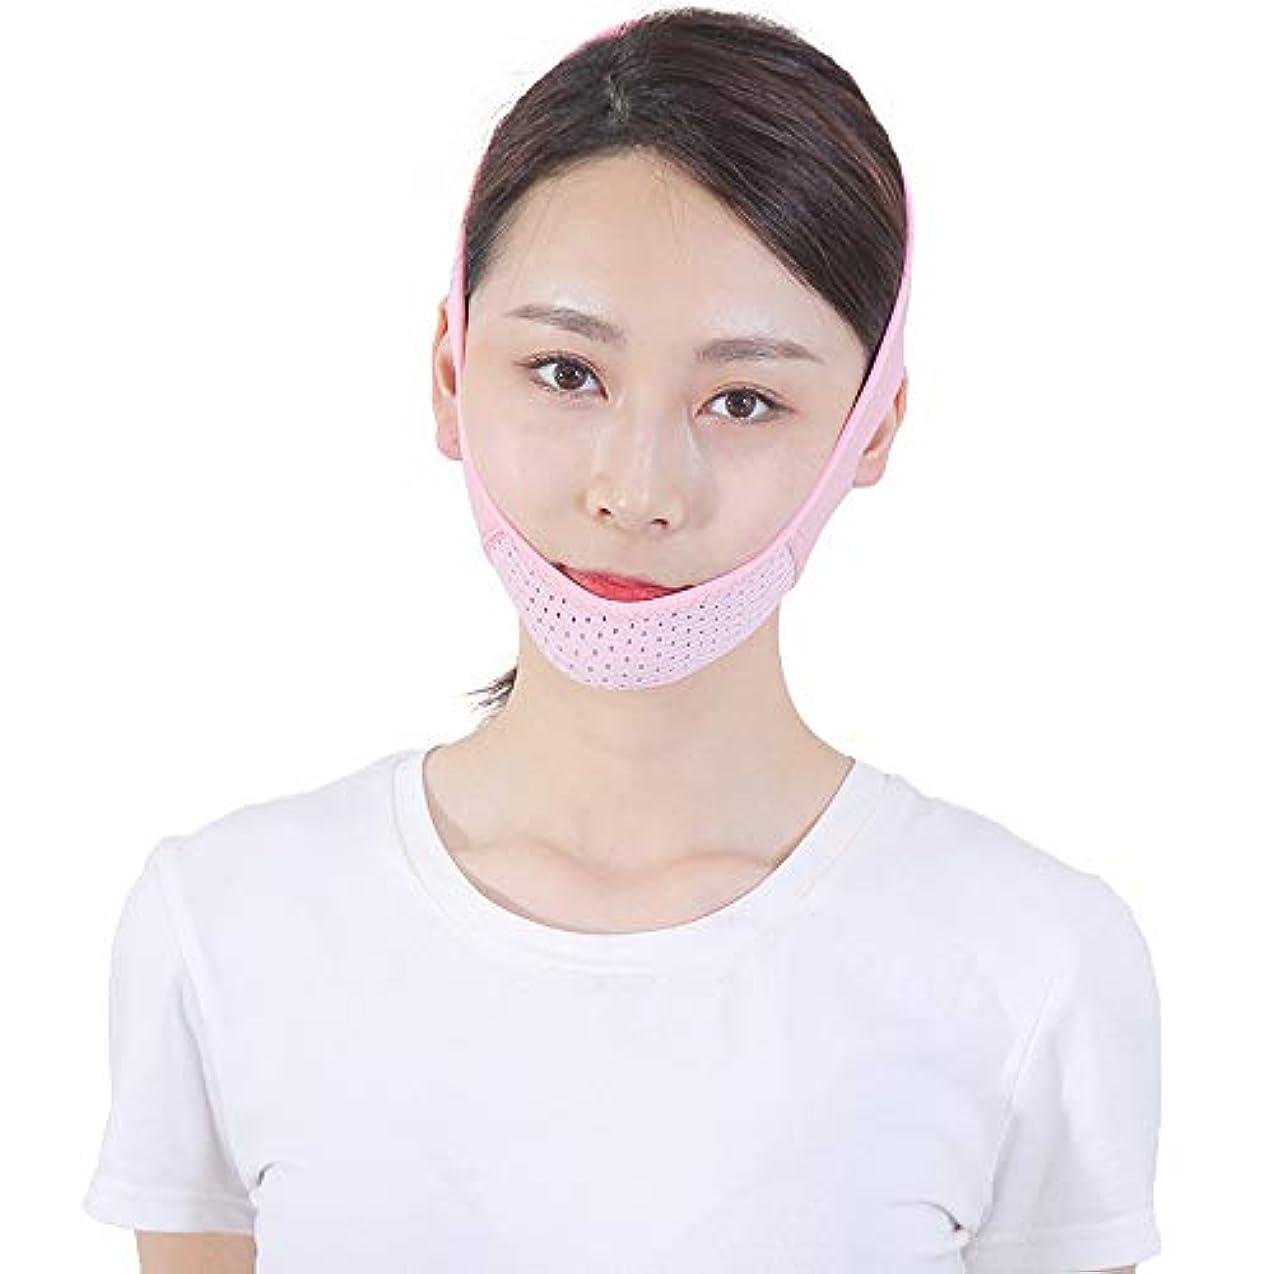 カップ公然とほとんどの場合GYZ フェイシャルリフティング痩身ベルトフェイススリムゲットダブルチンアンチエイジングリンクルフェイスバンデージマスクシェイピングマスク顔を引き締めるダブルチンワークアウト Thin Face Belt